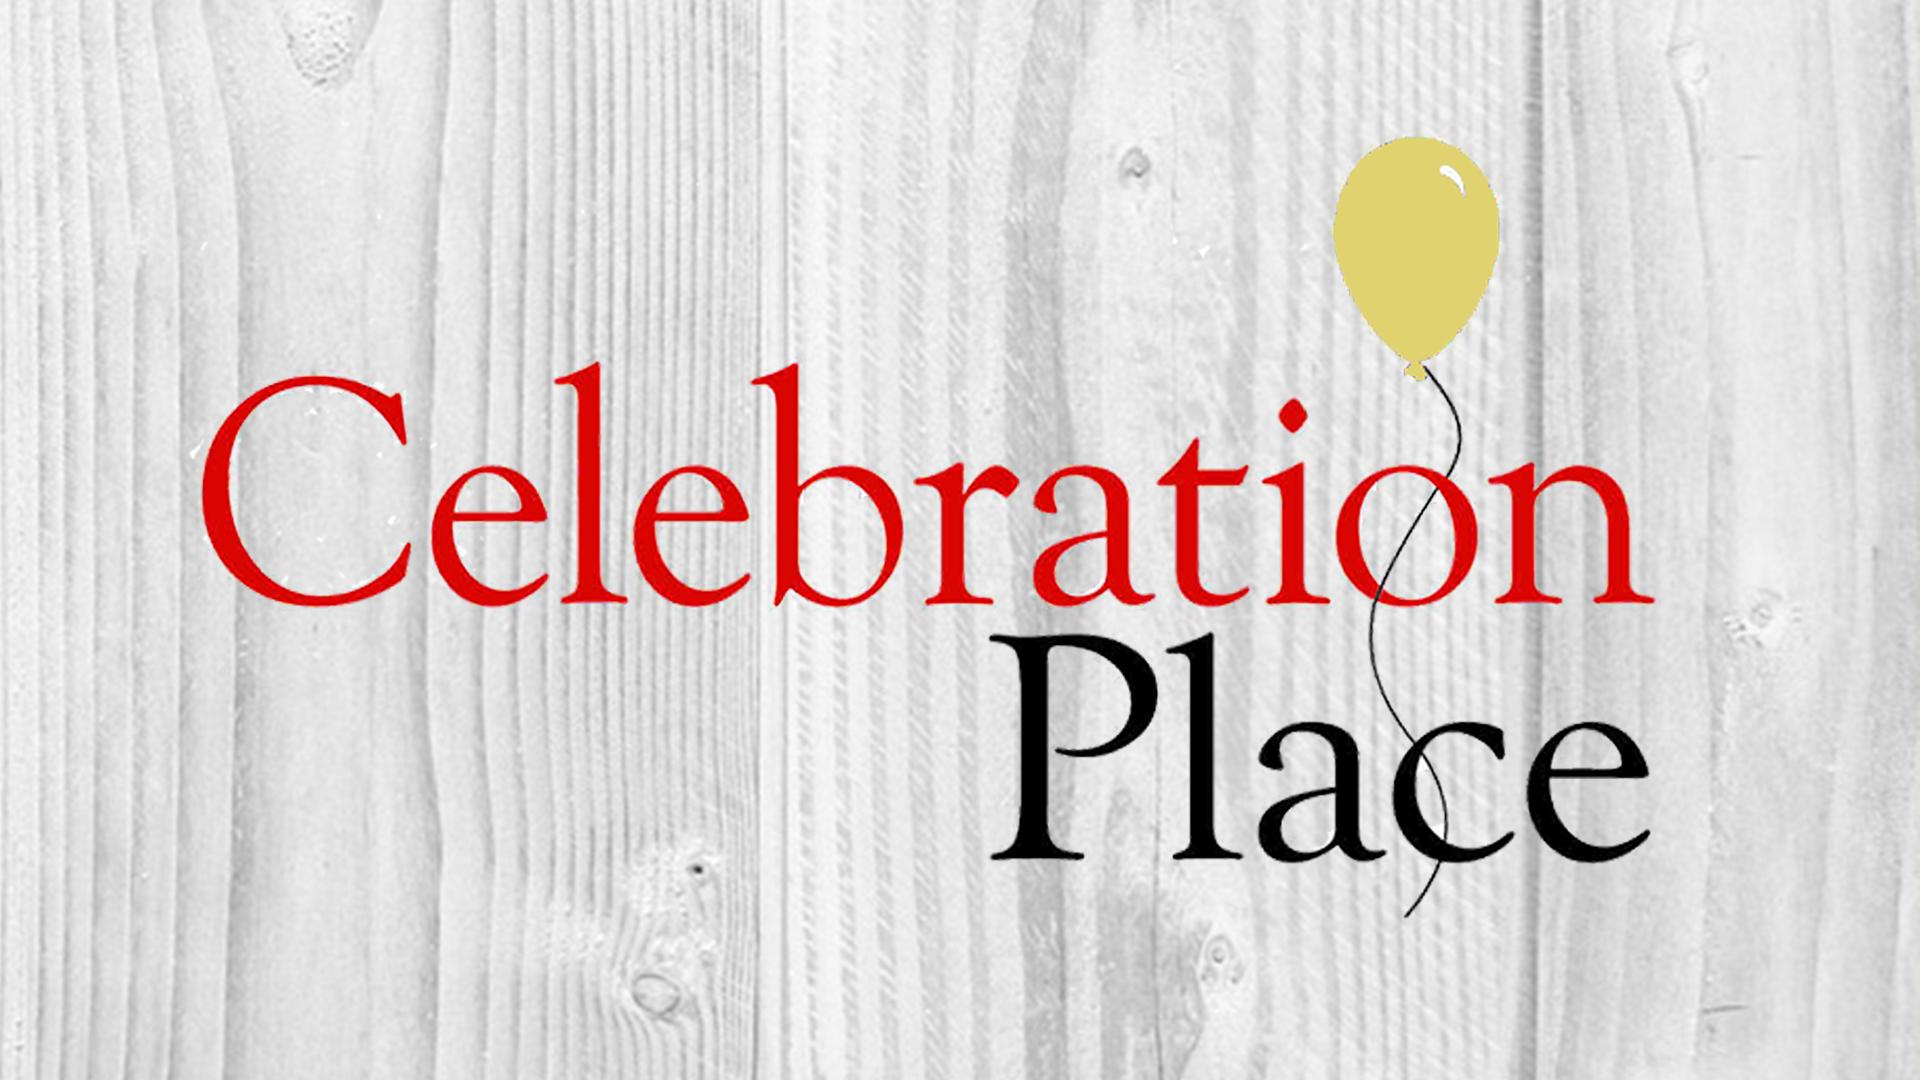 Celebration_Placev2.png